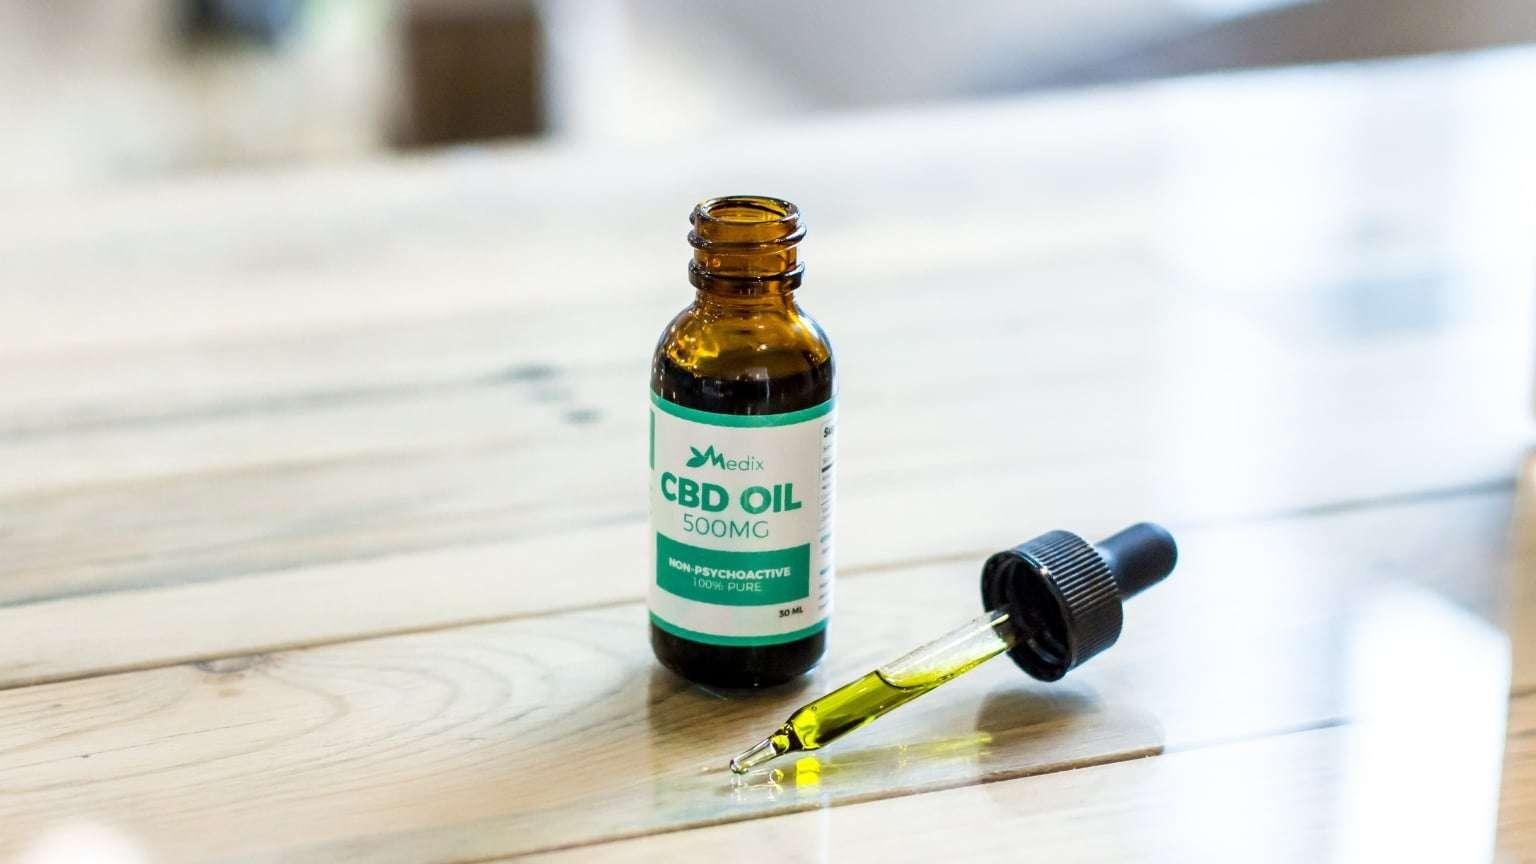 medix-cbd-oil